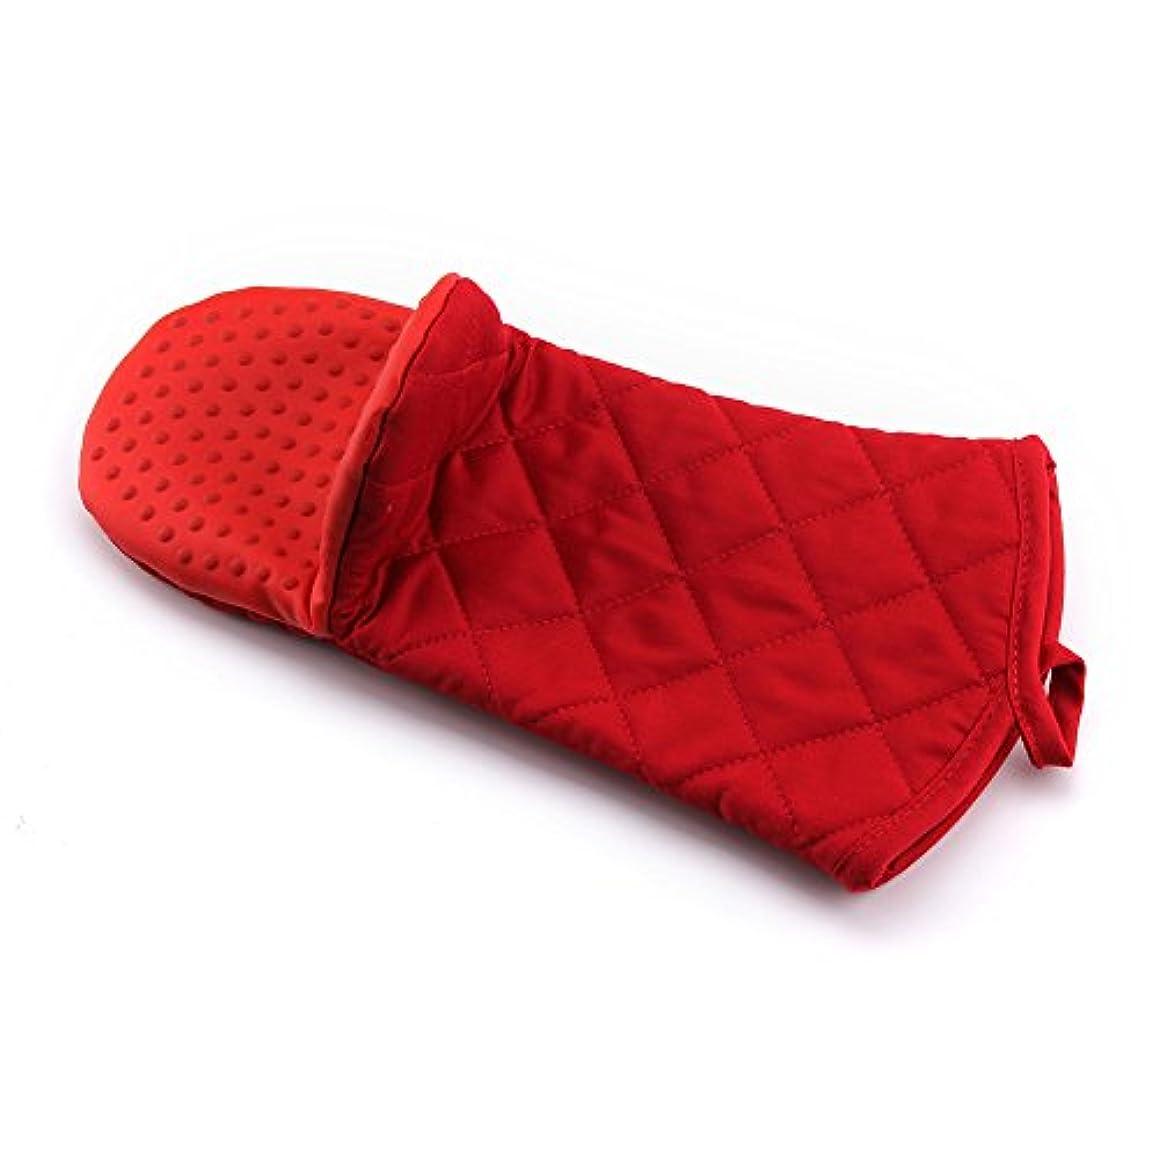 OUYOU 耐熱グローブ シリコンチェック 耐熱温度280℃ キッチングローブ オーブンミトン シリコン手袋 滑り止め クッキング用 フリーサイズ 2個セット